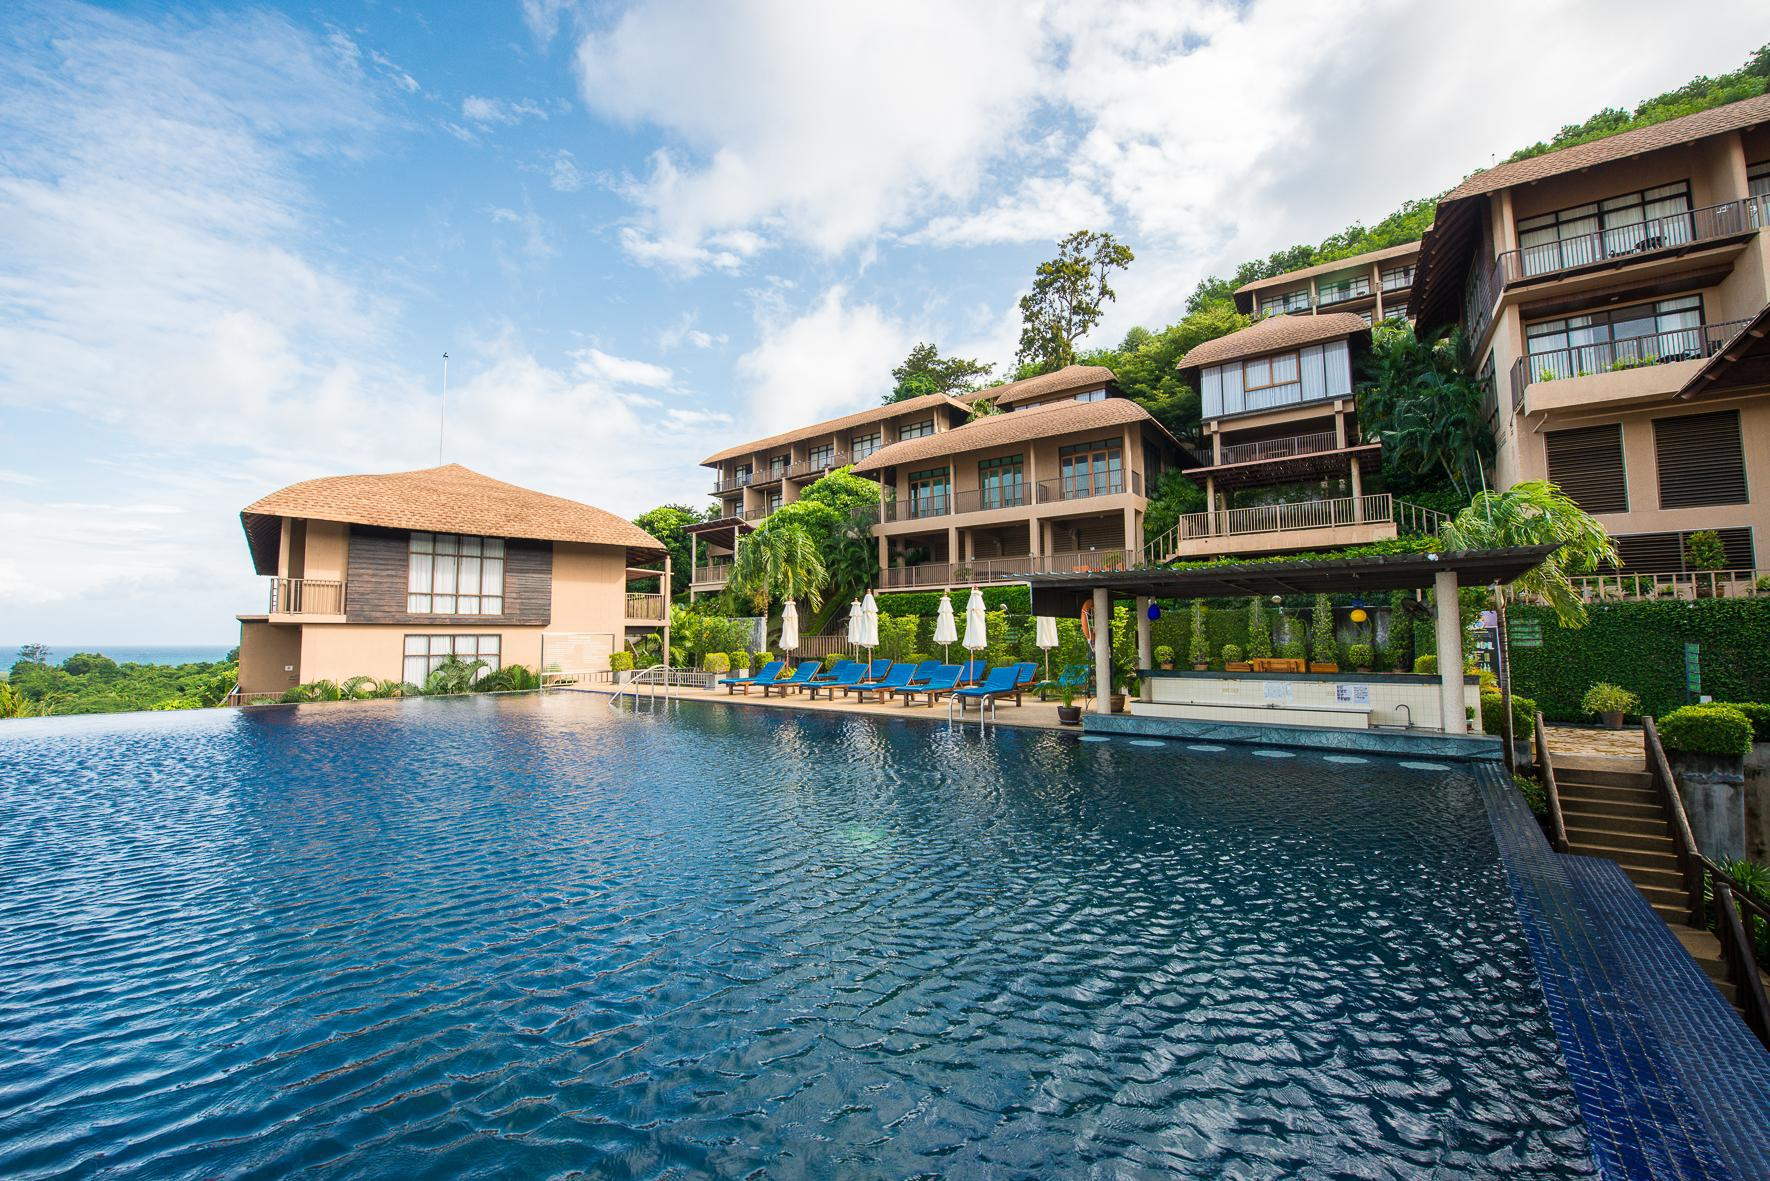 Karon Phunaka Resort กะรน ภูนาคา รีสอร์ต